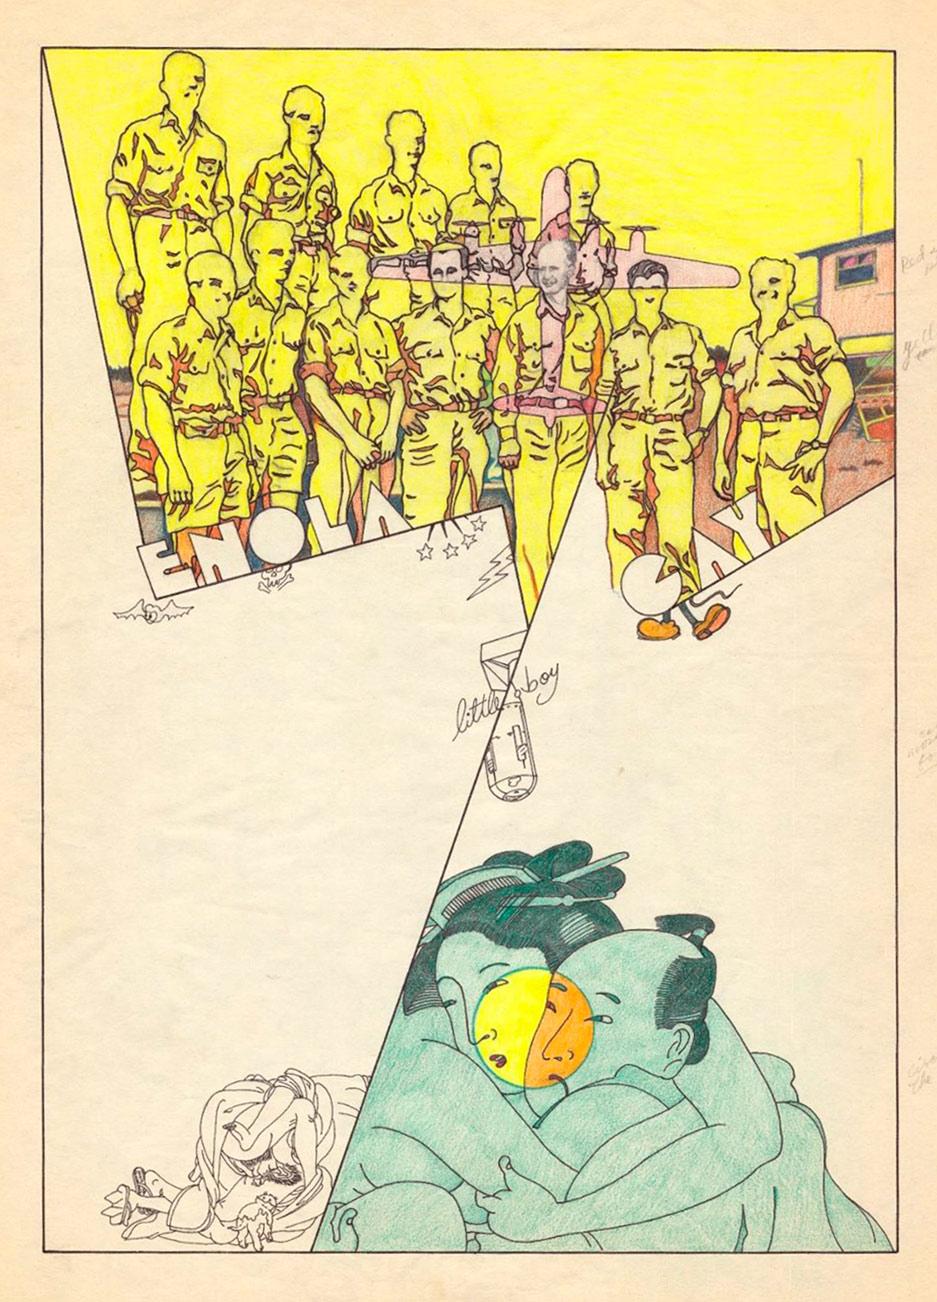 S/T, técnica mixta sobre papel, 43 x 33 cm. Jorge Carruana Bances, 1983